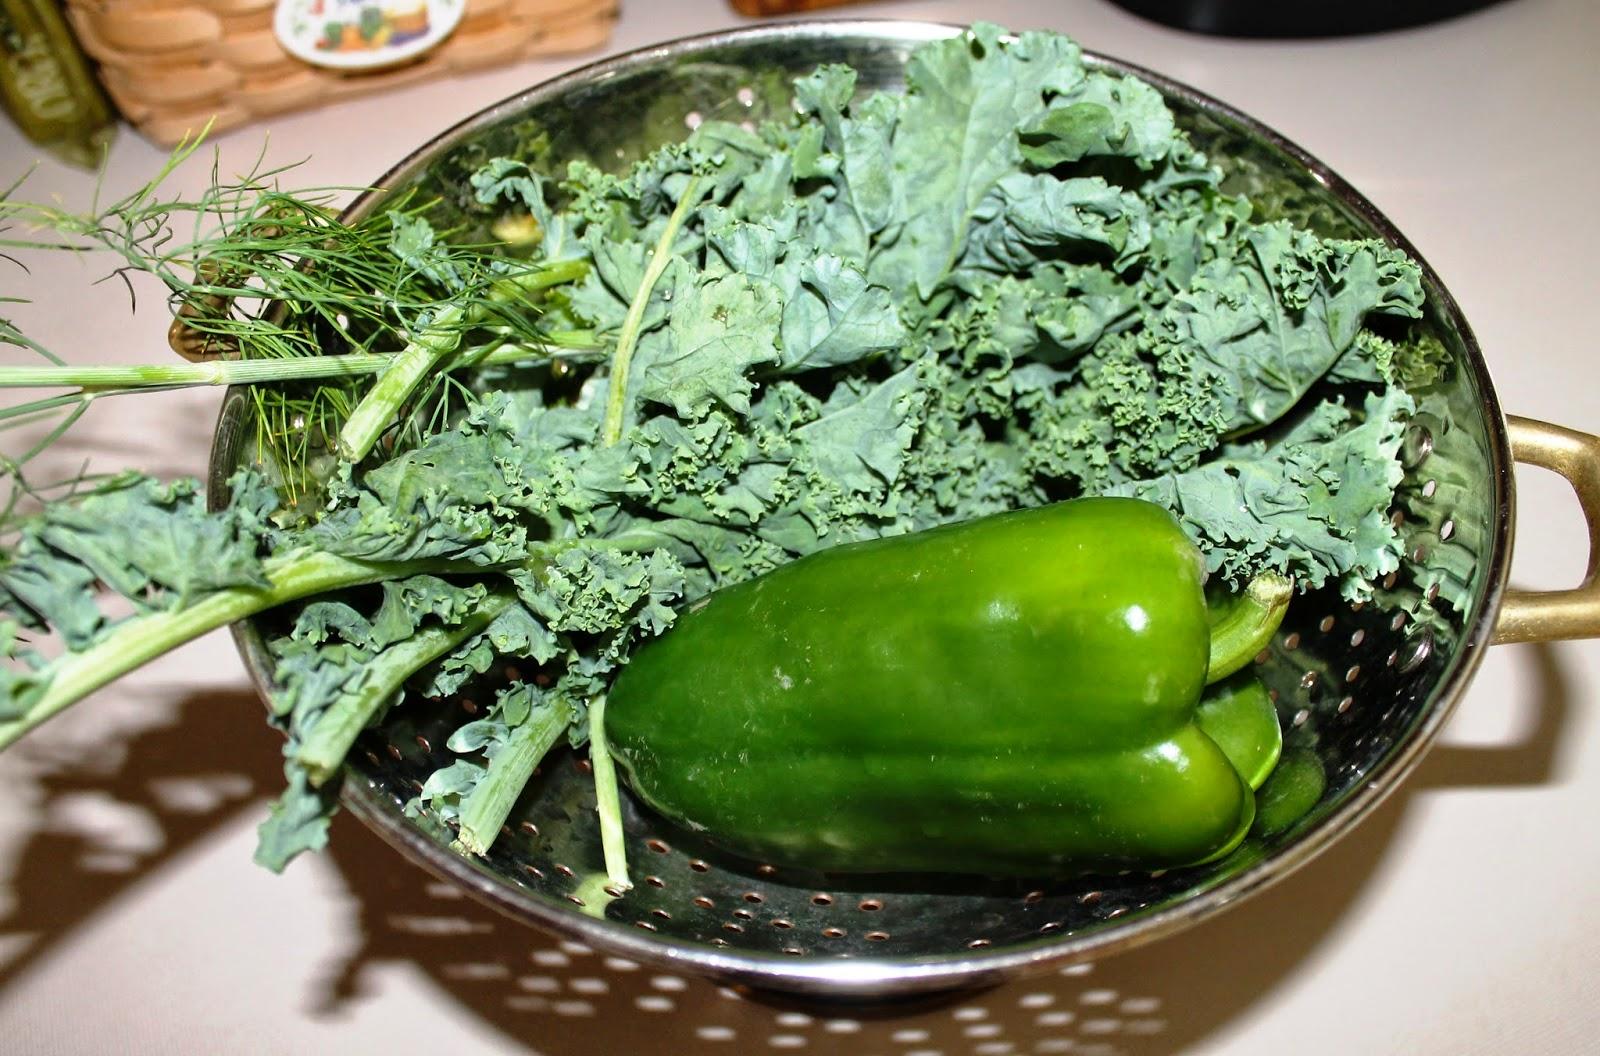 First garden kale